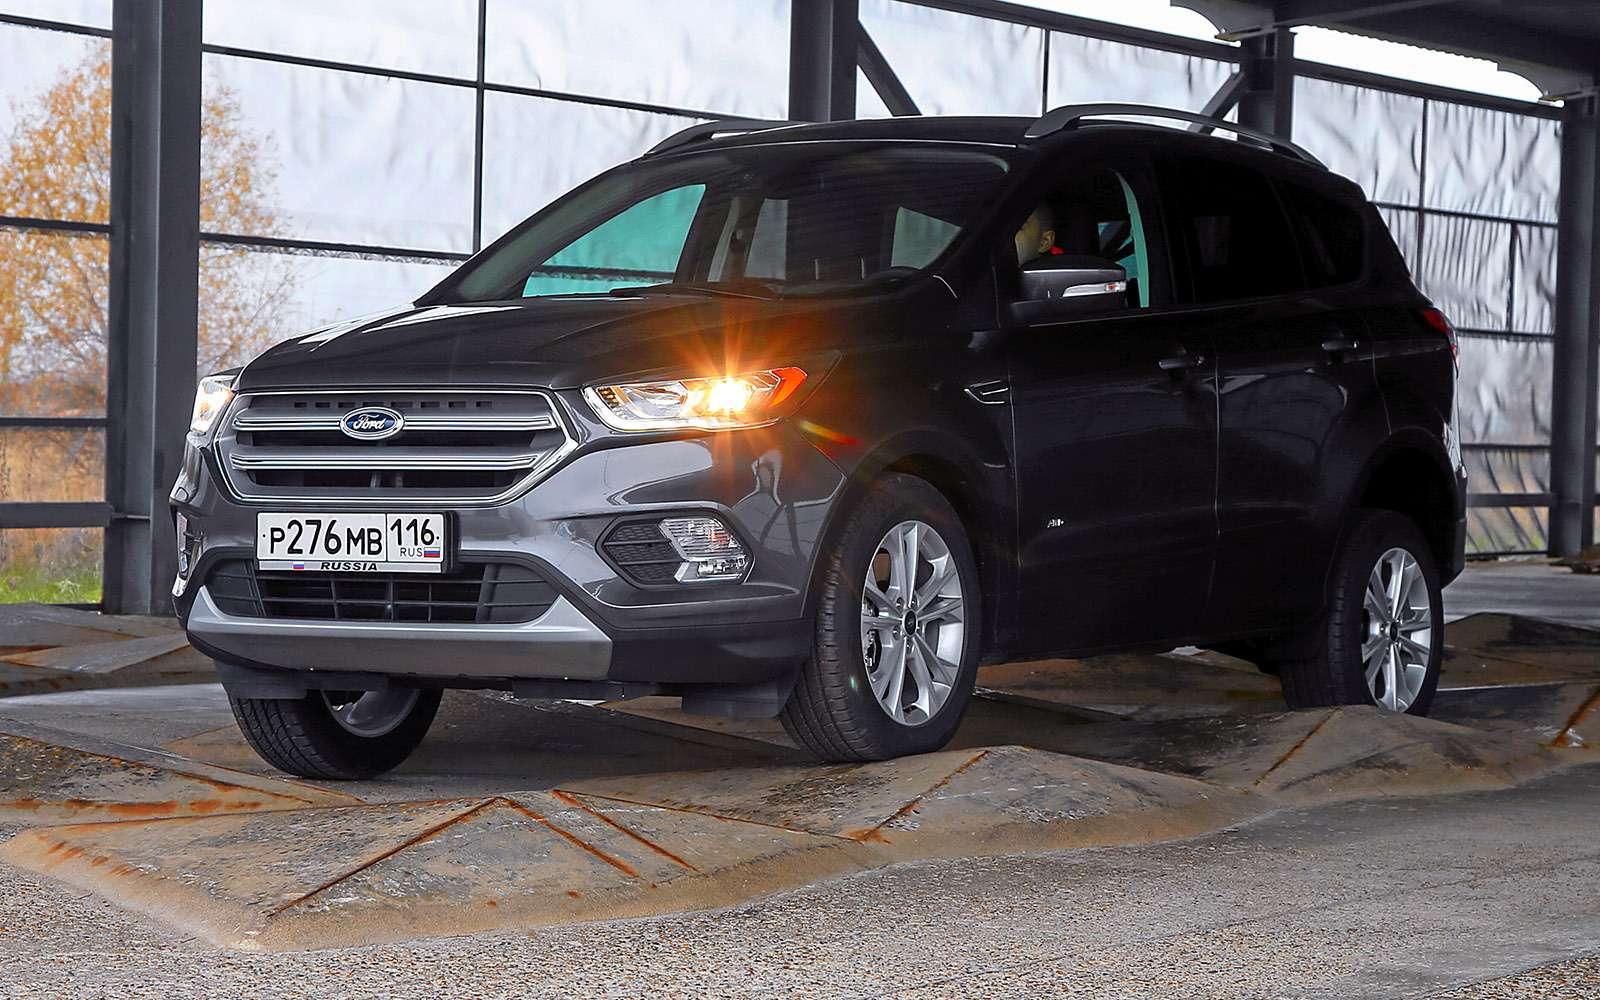 Обновленный Ford Kuga российской сборки: мыпоездили нанем первыми!— фото 674493